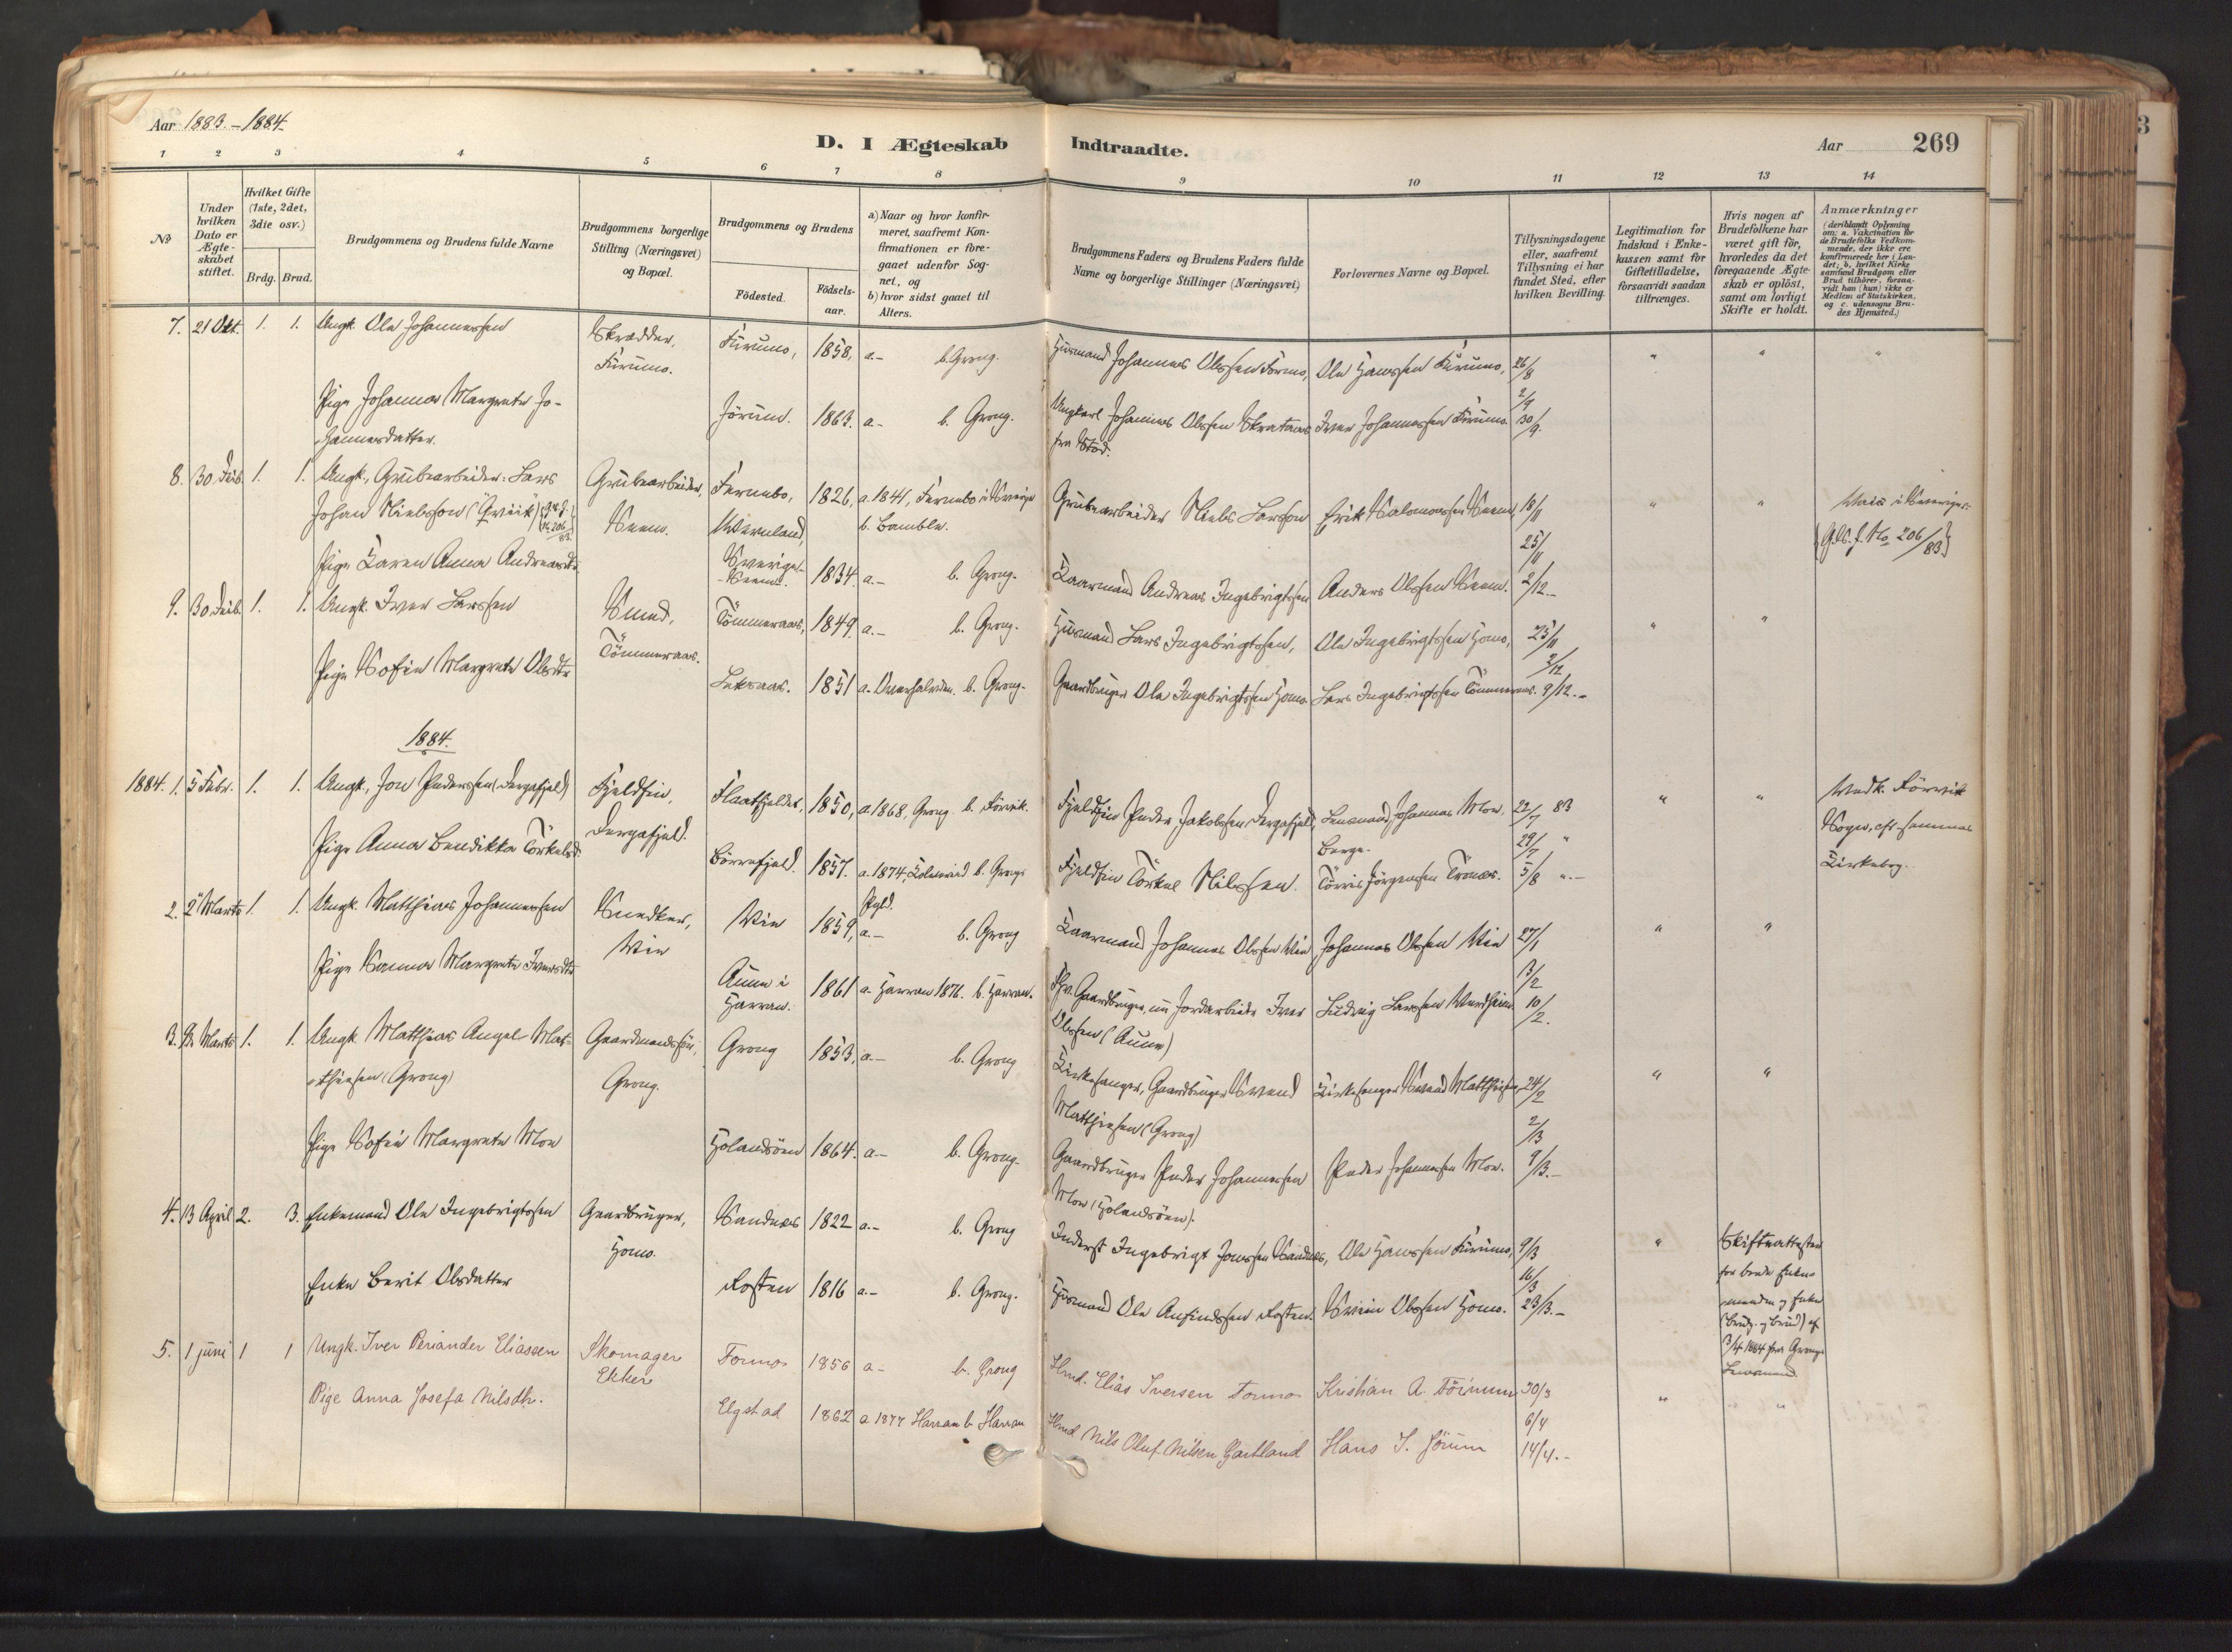 SAT, Ministerialprotokoller, klokkerbøker og fødselsregistre - Nord-Trøndelag, 758/L0519: Ministerialbok nr. 758A04, 1880-1926, s. 269